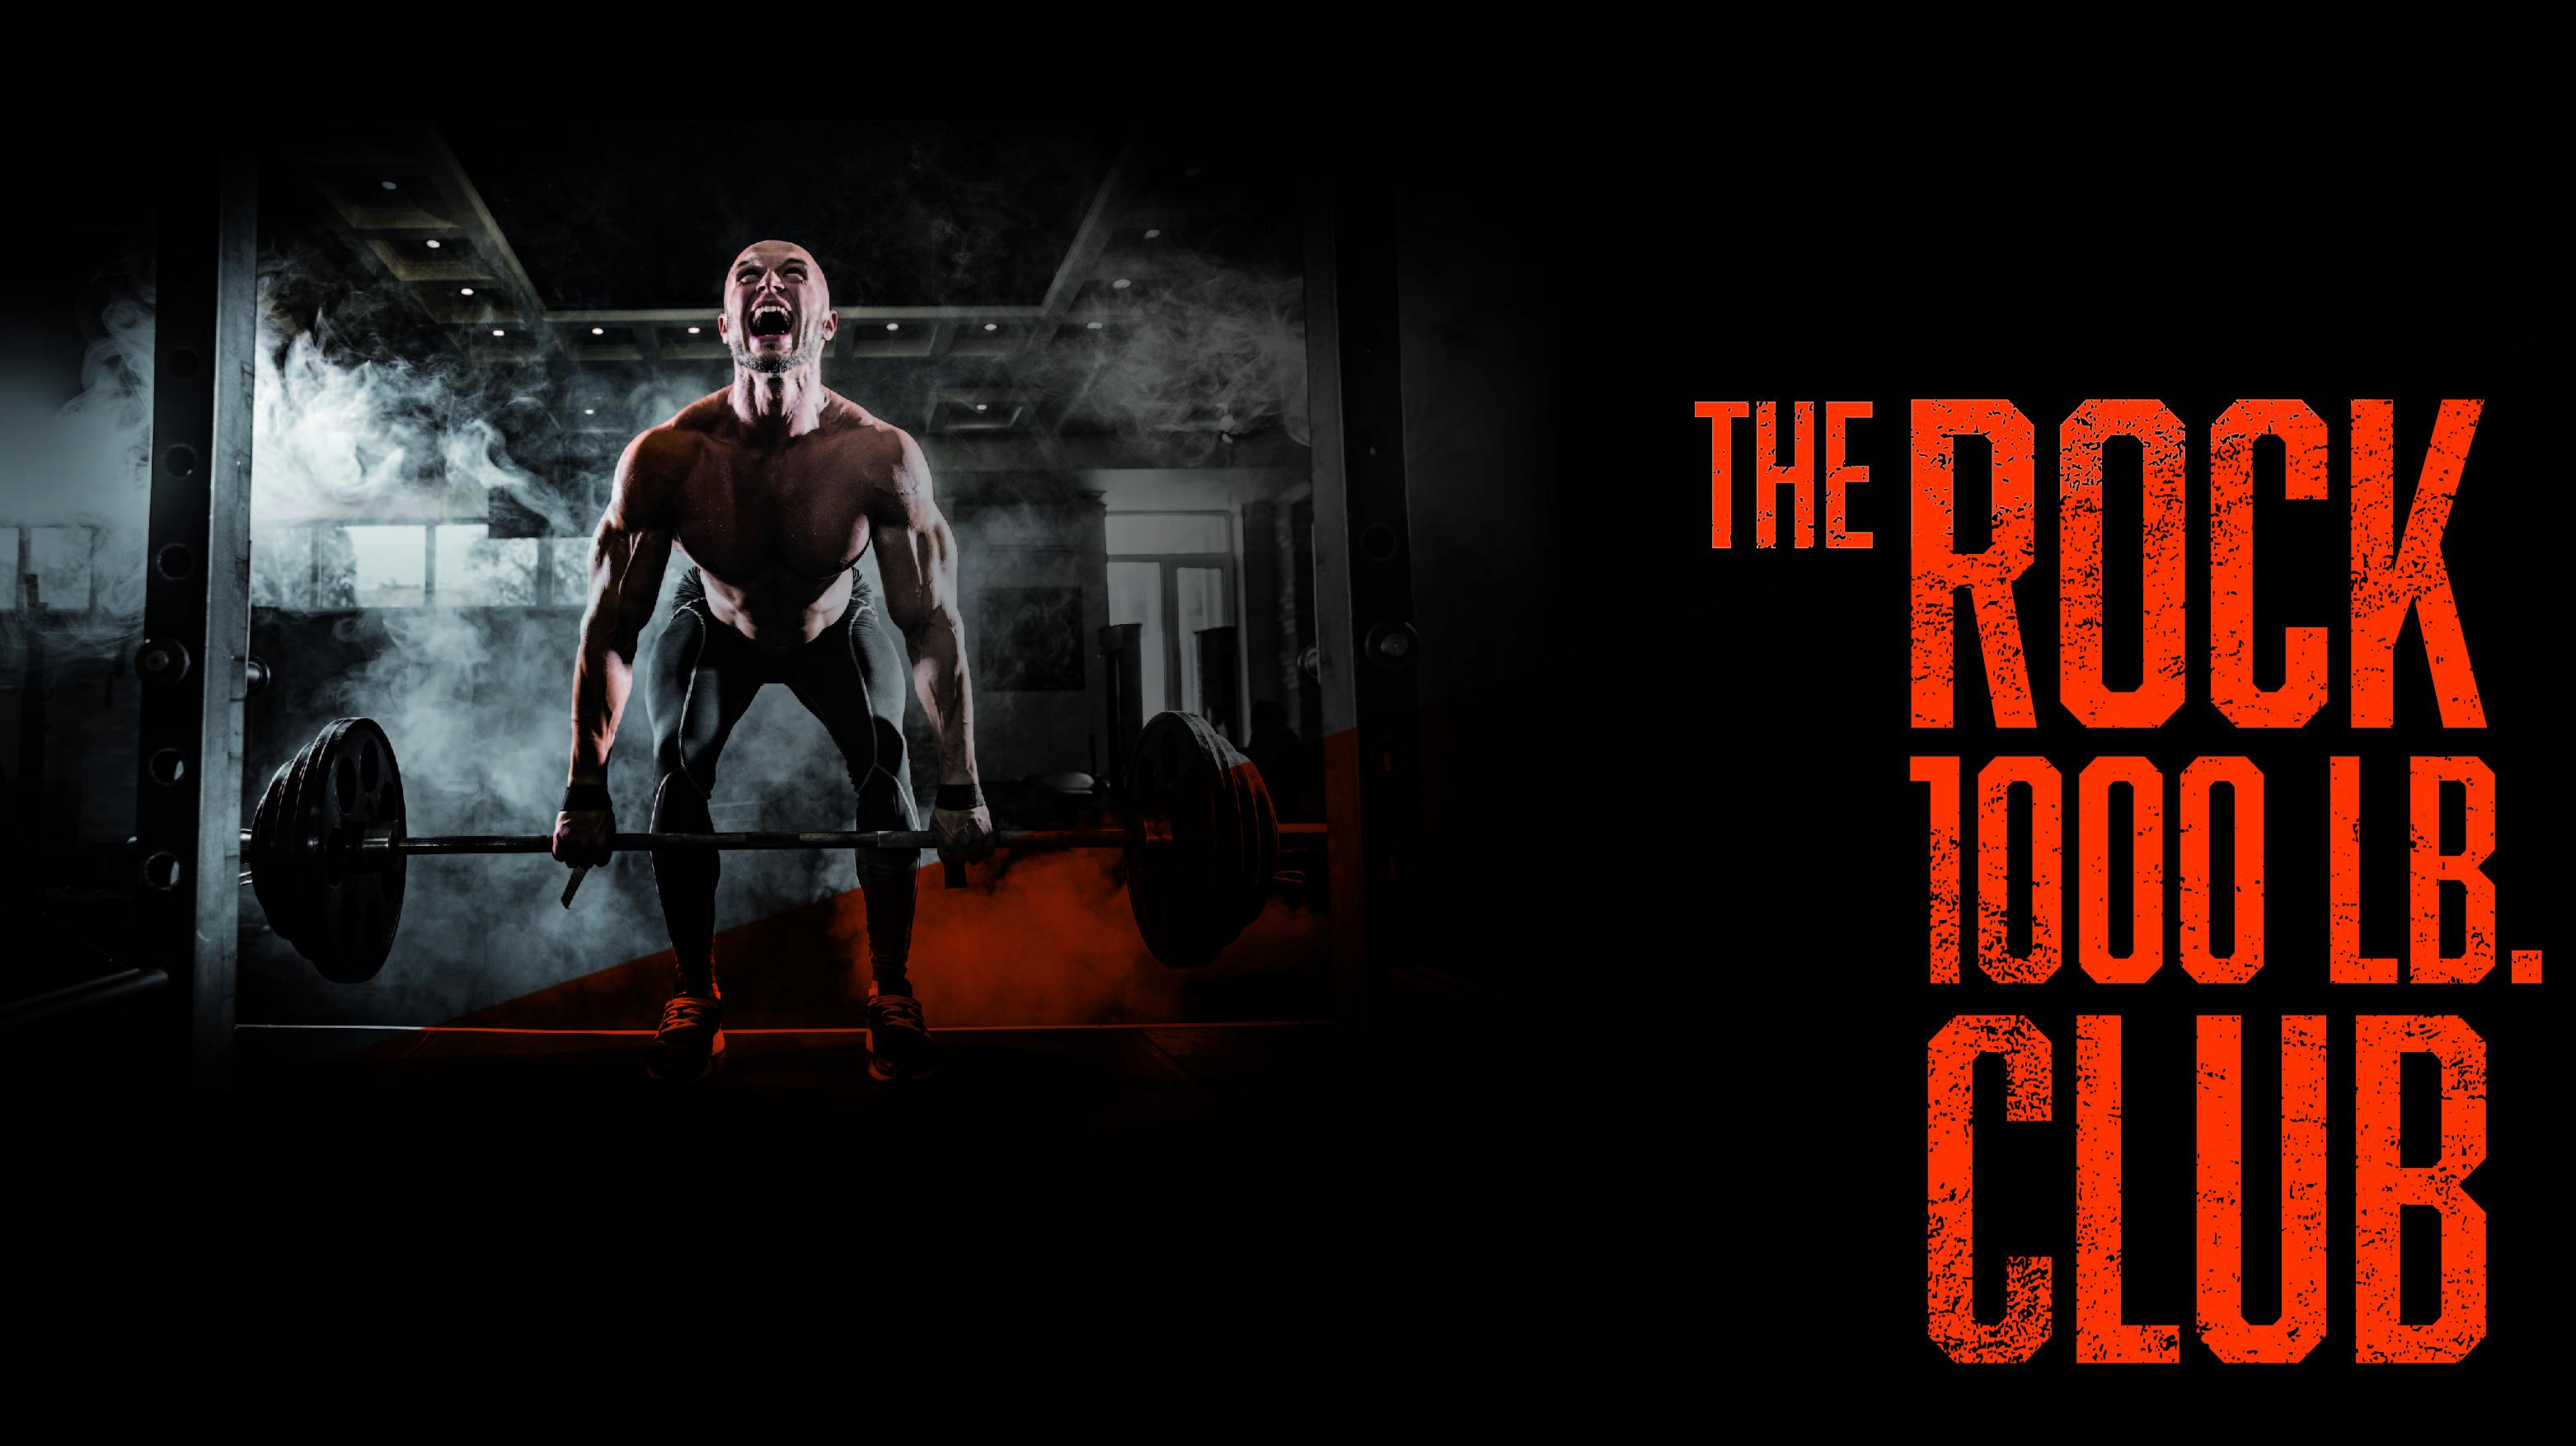 The Rock 1000 lb. Club